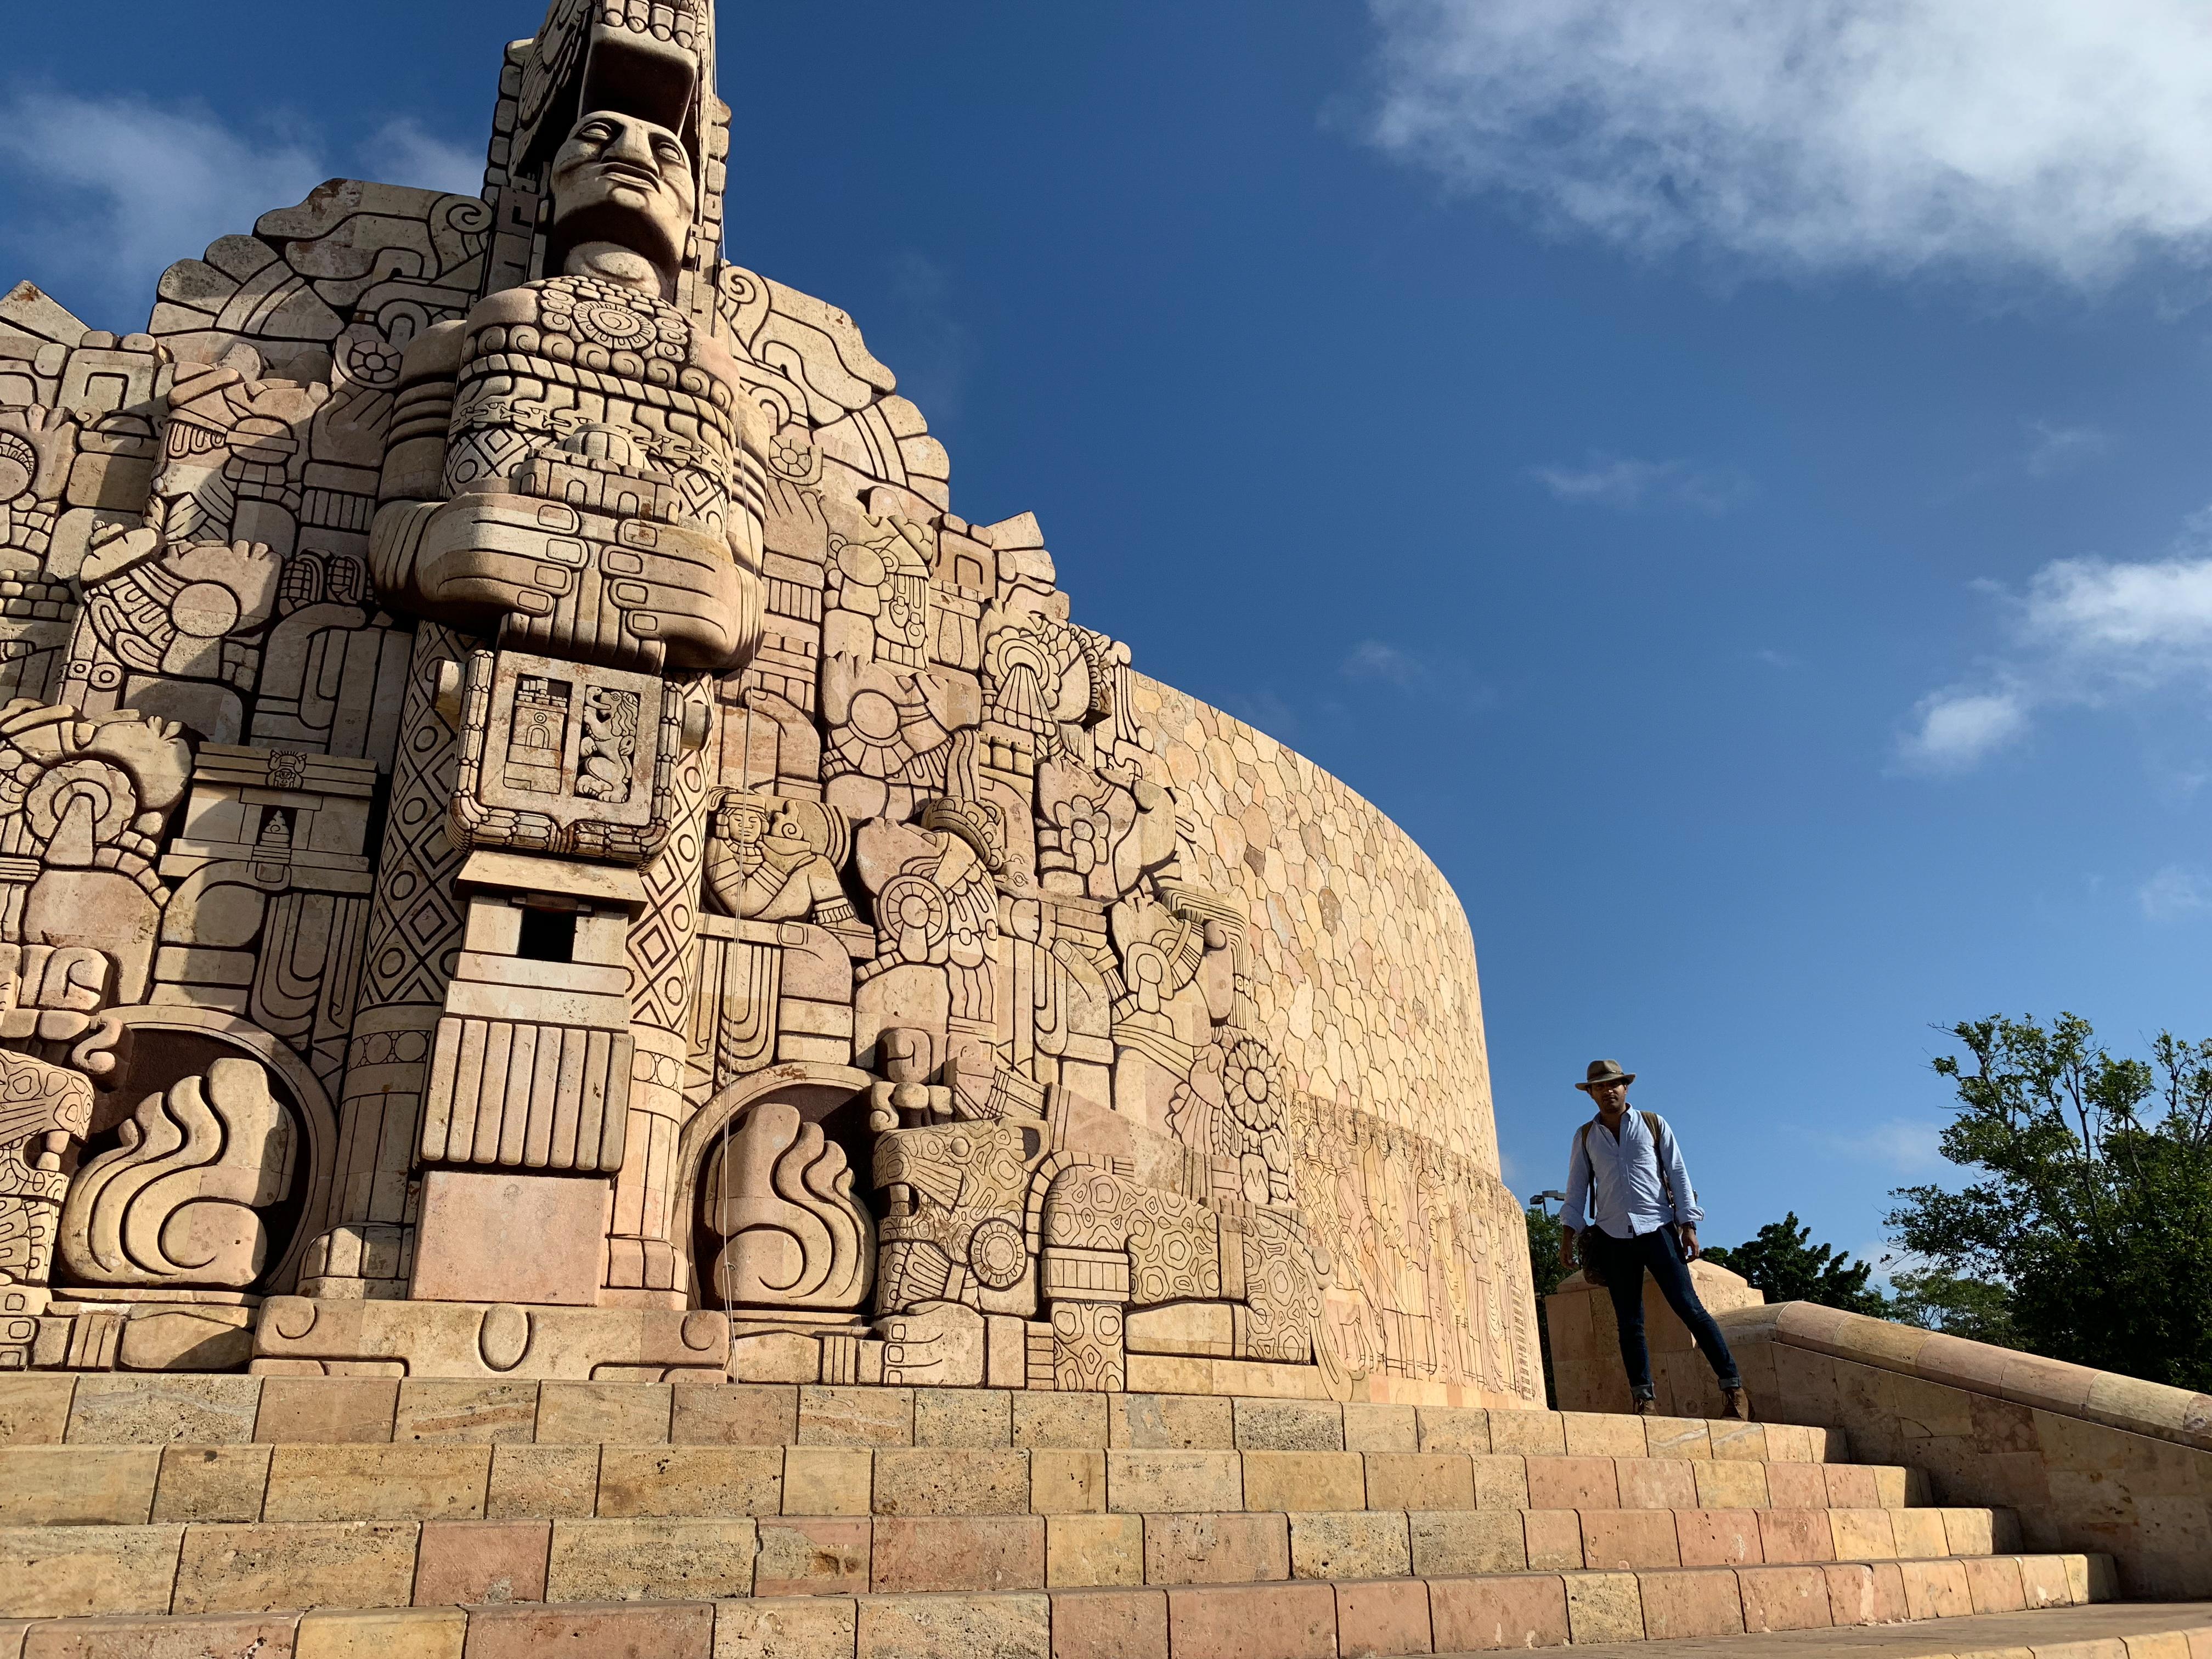 マヤ 文明 滅亡 理由 マヤ文明はなぜ滅びた? 最後は戦乱が起き200万人がドコかへ消えた